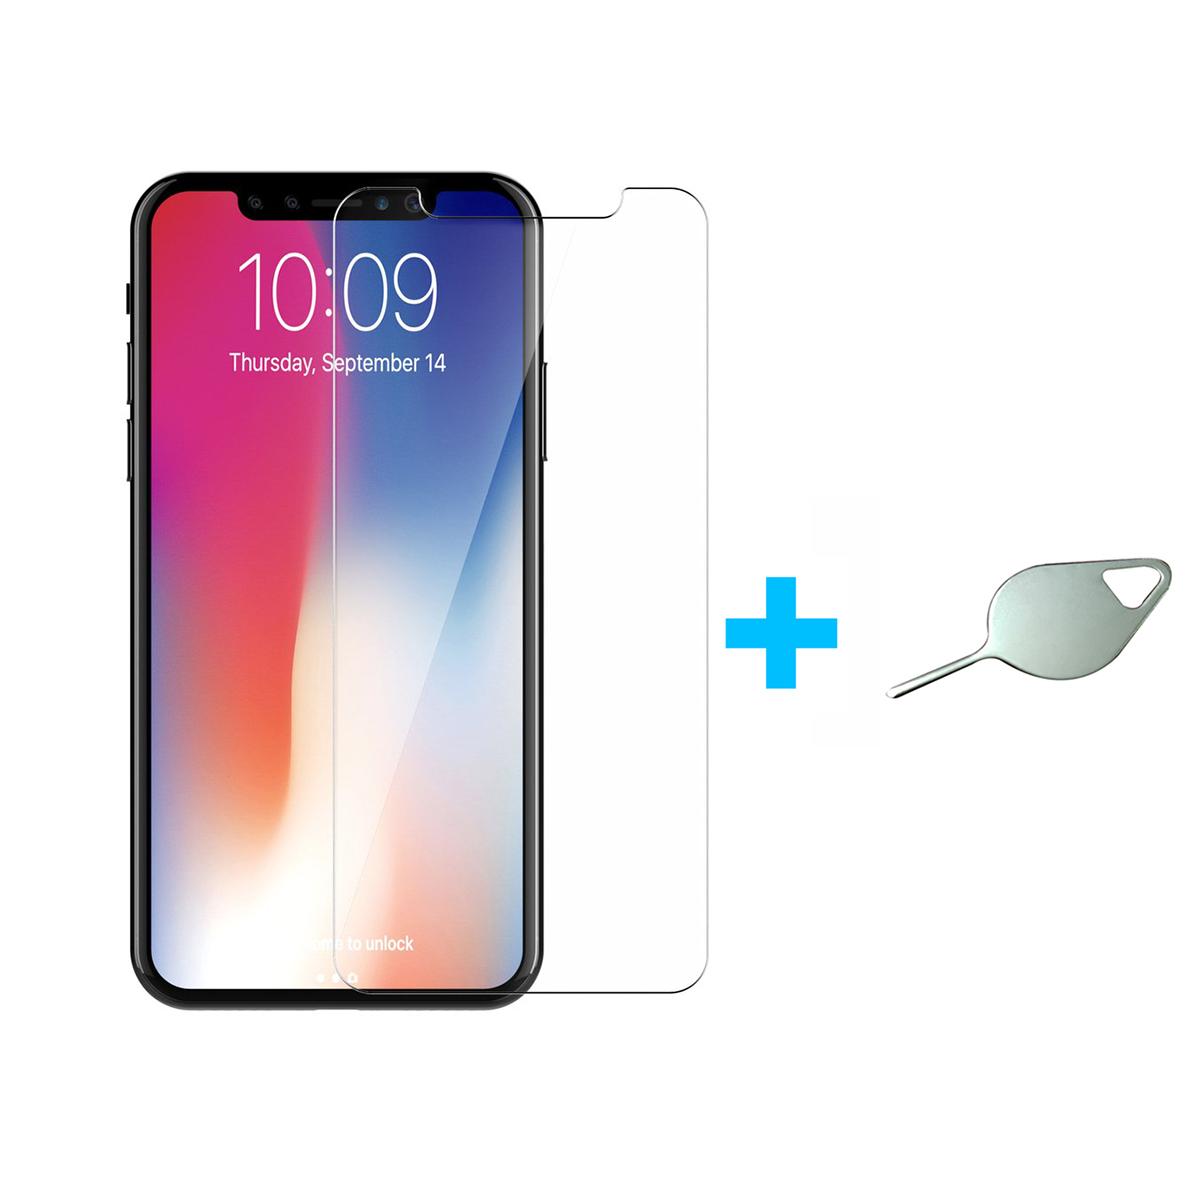 Bộ Kính Cường Lực Dẻo Nano Cho iPhone XR (Trong Suốt) Và Cây Lấy Sim Hình Giọt Nước - Hàng Nhập Khẩu